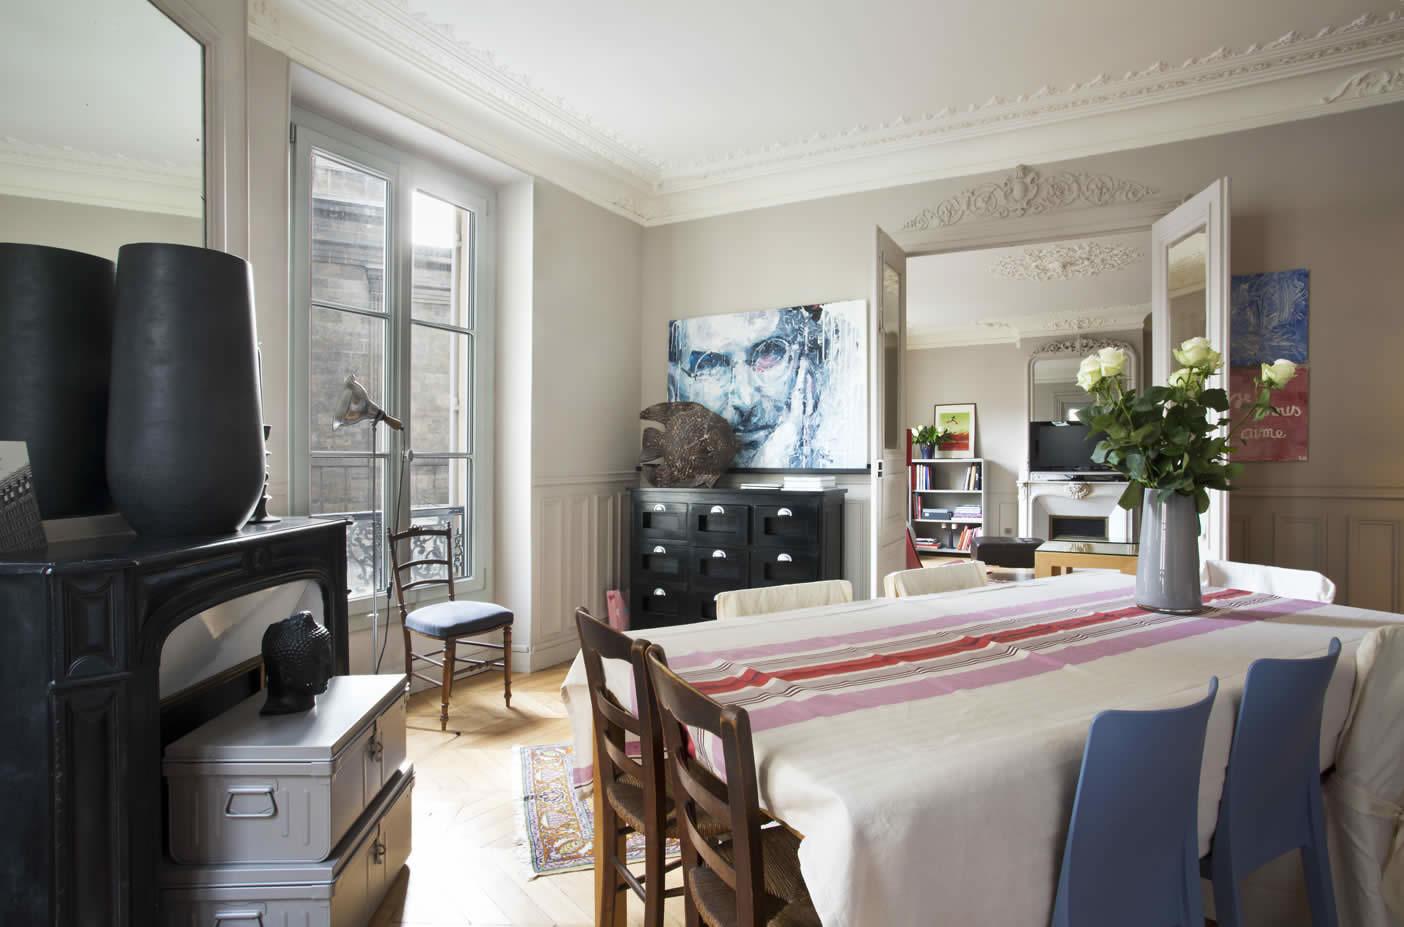 appartement-charme-refait-neuf-bel-immeuble-1846-a-vendre